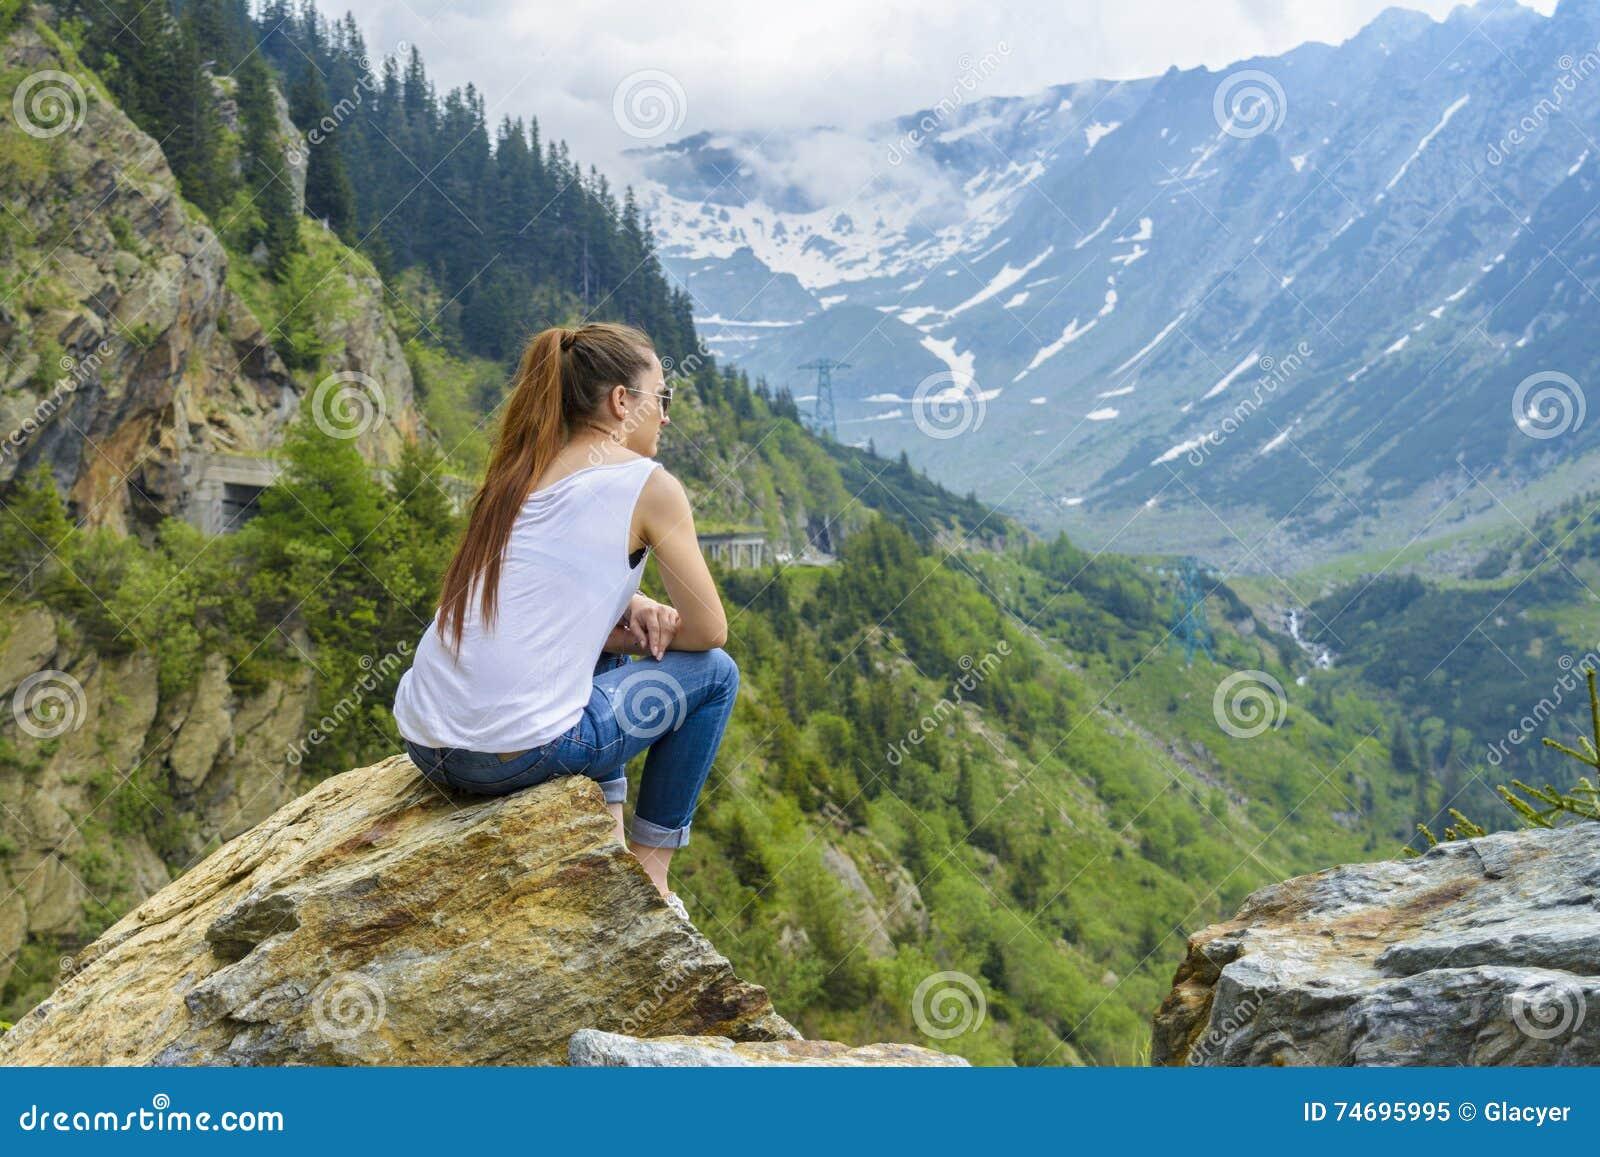 Lady tourist on mountain